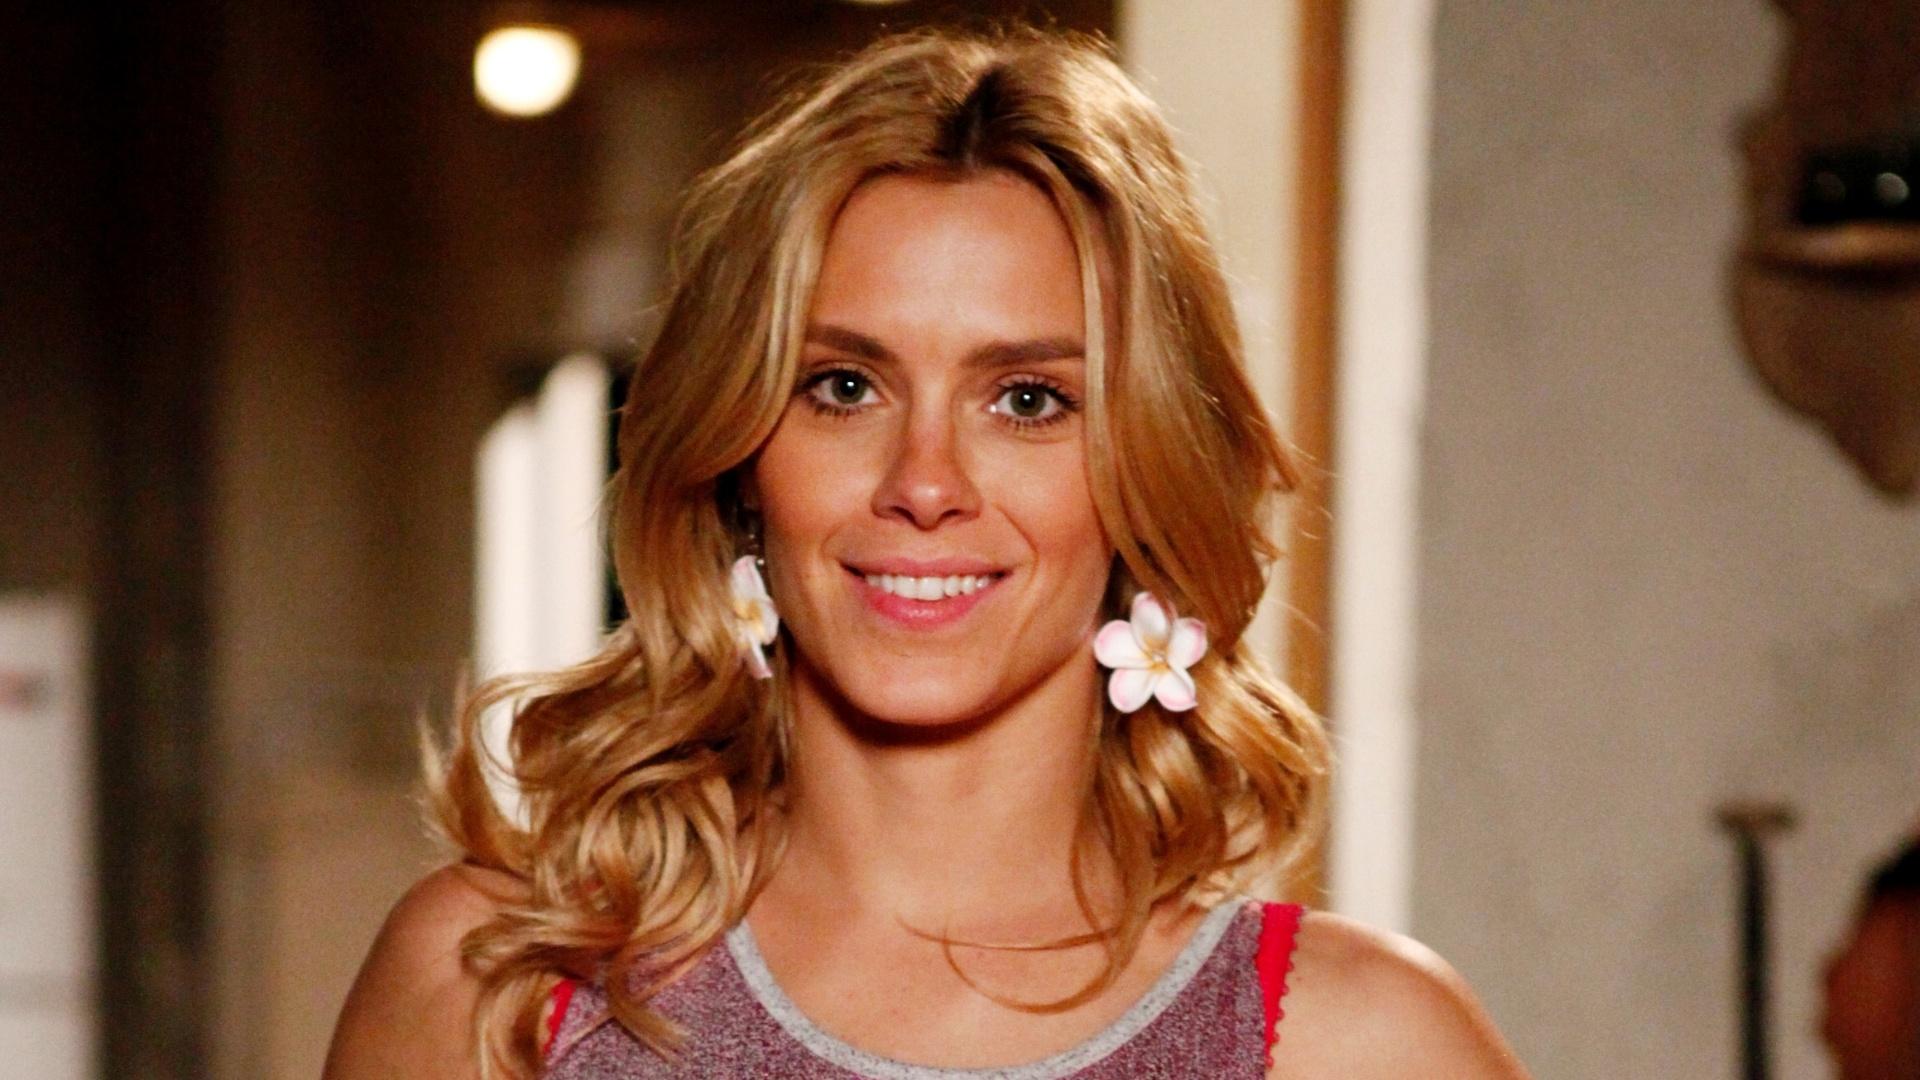 Carolina Dieckmann deu a virgindade de presente de aniversário ao namorado